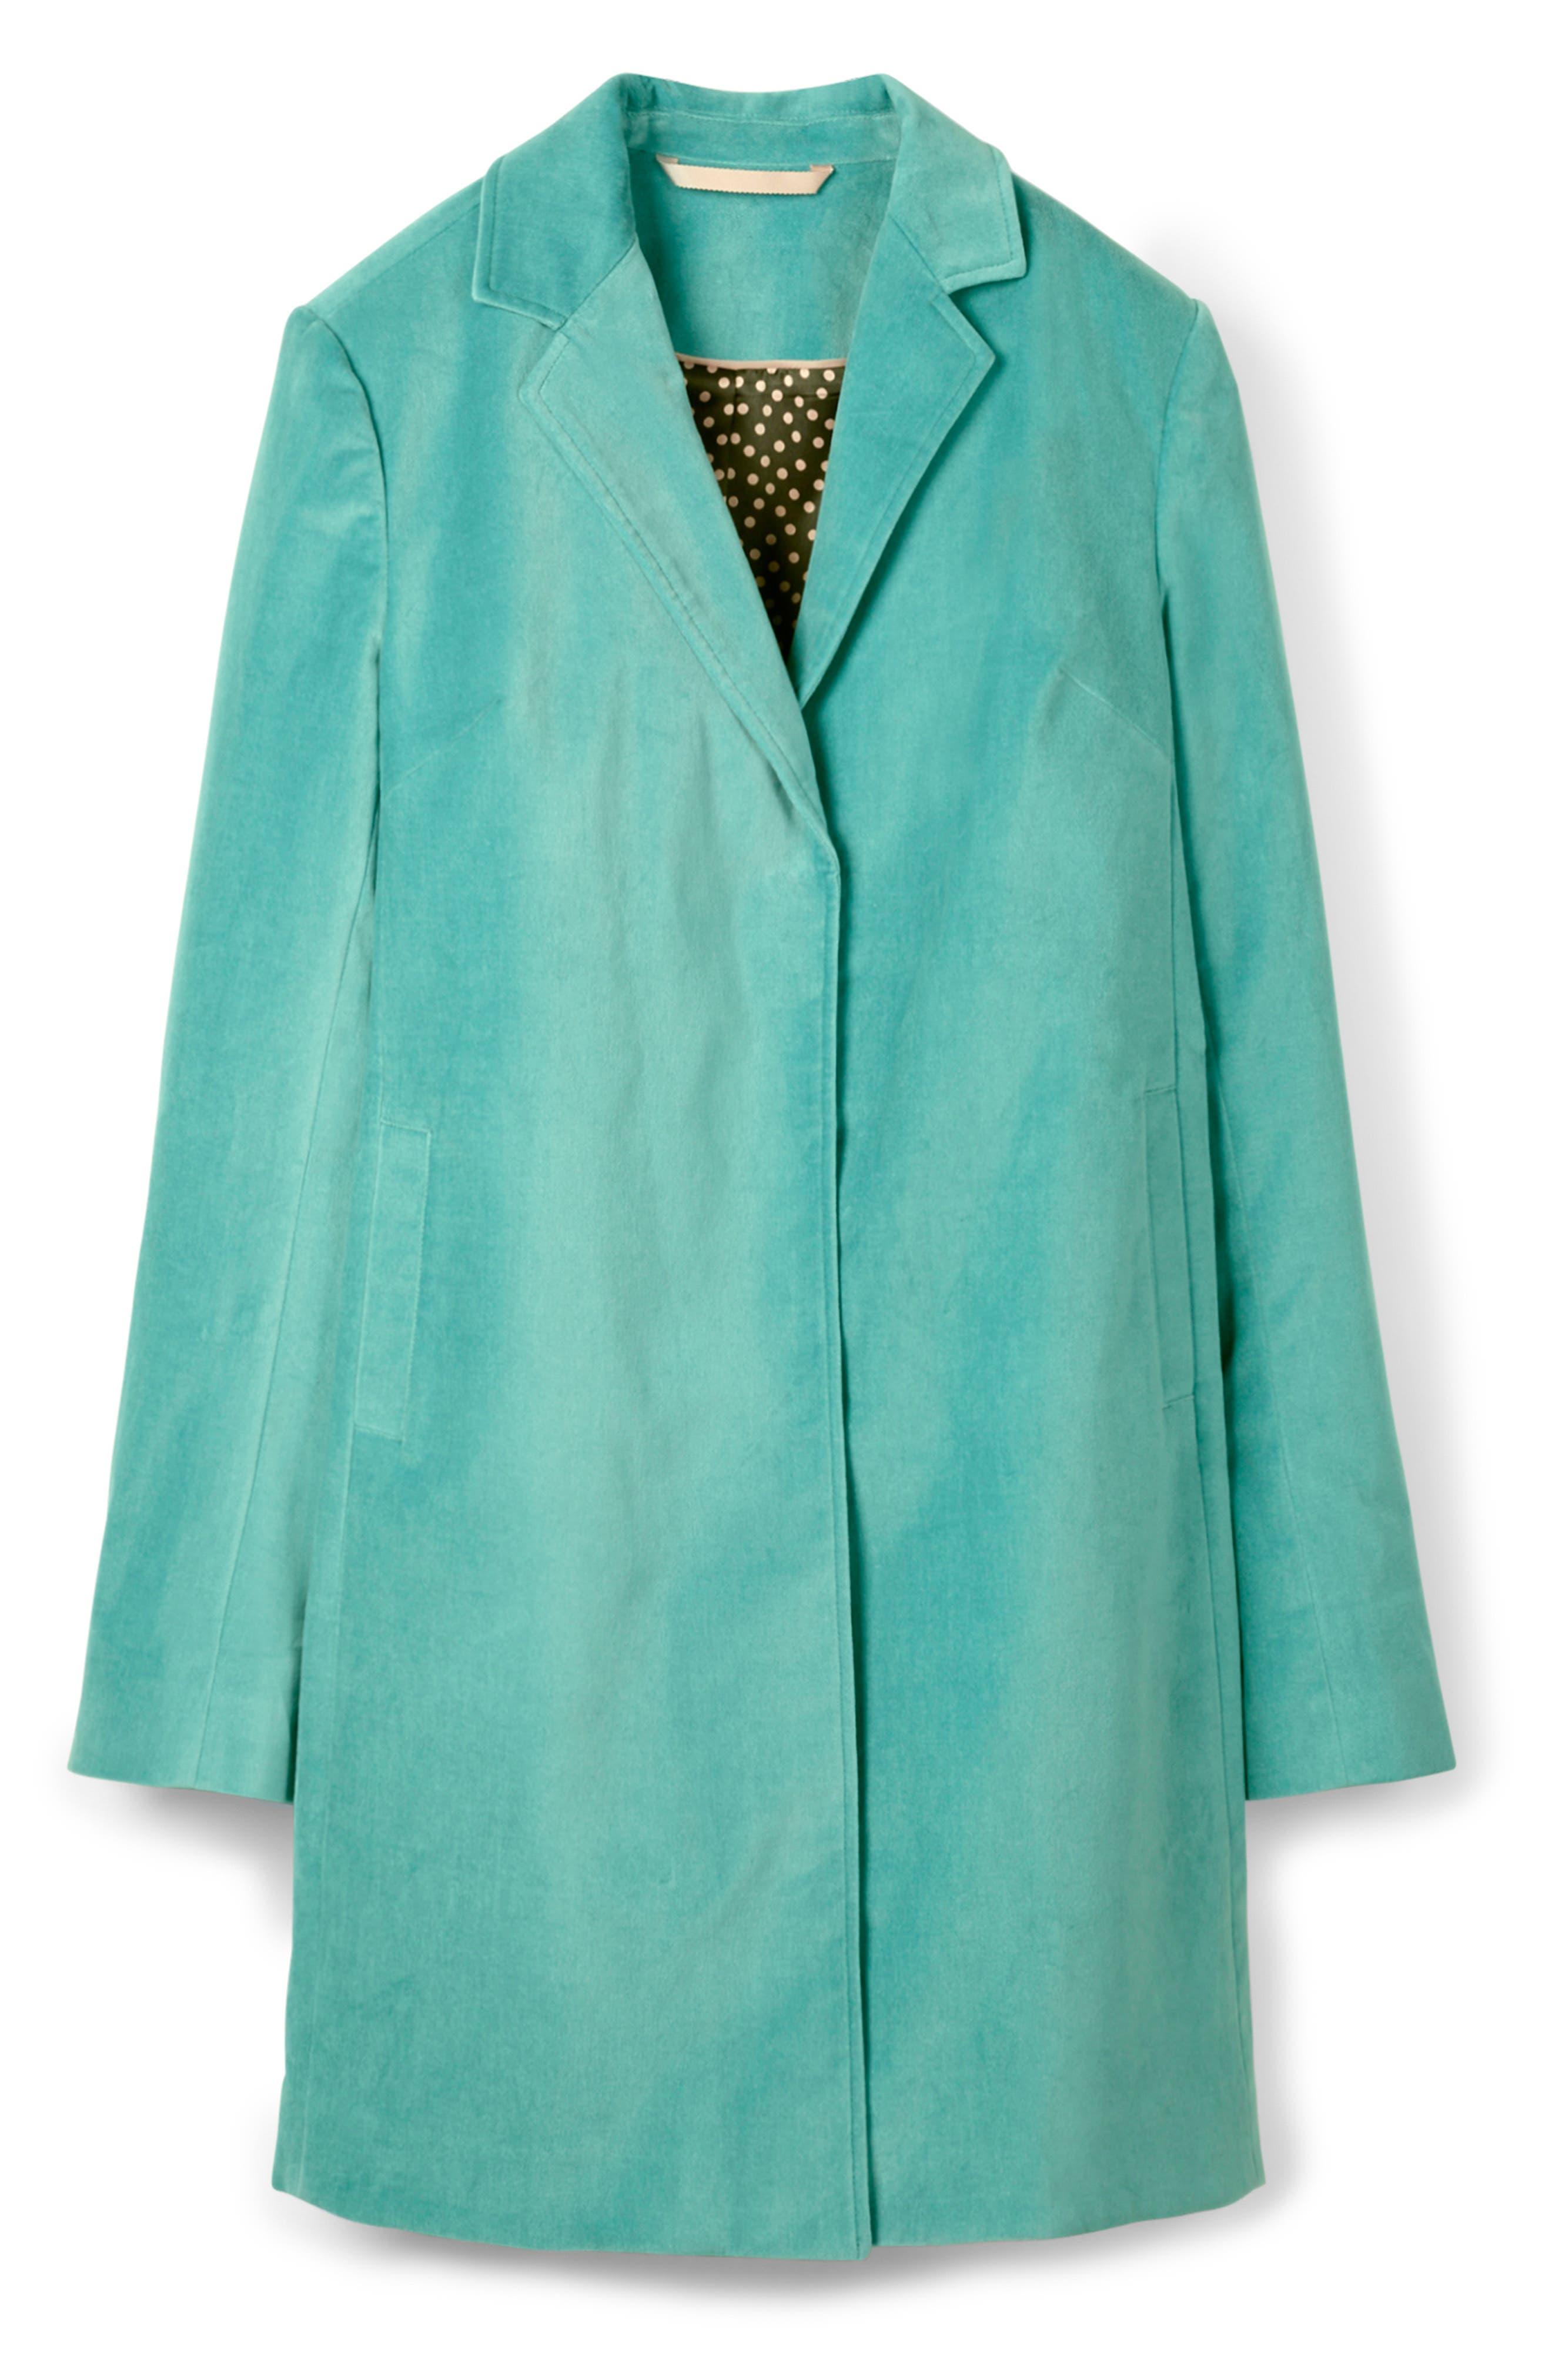 Sally Long Velvet Jacket,                             Alternate thumbnail 6, color,                             BREEZE BN764